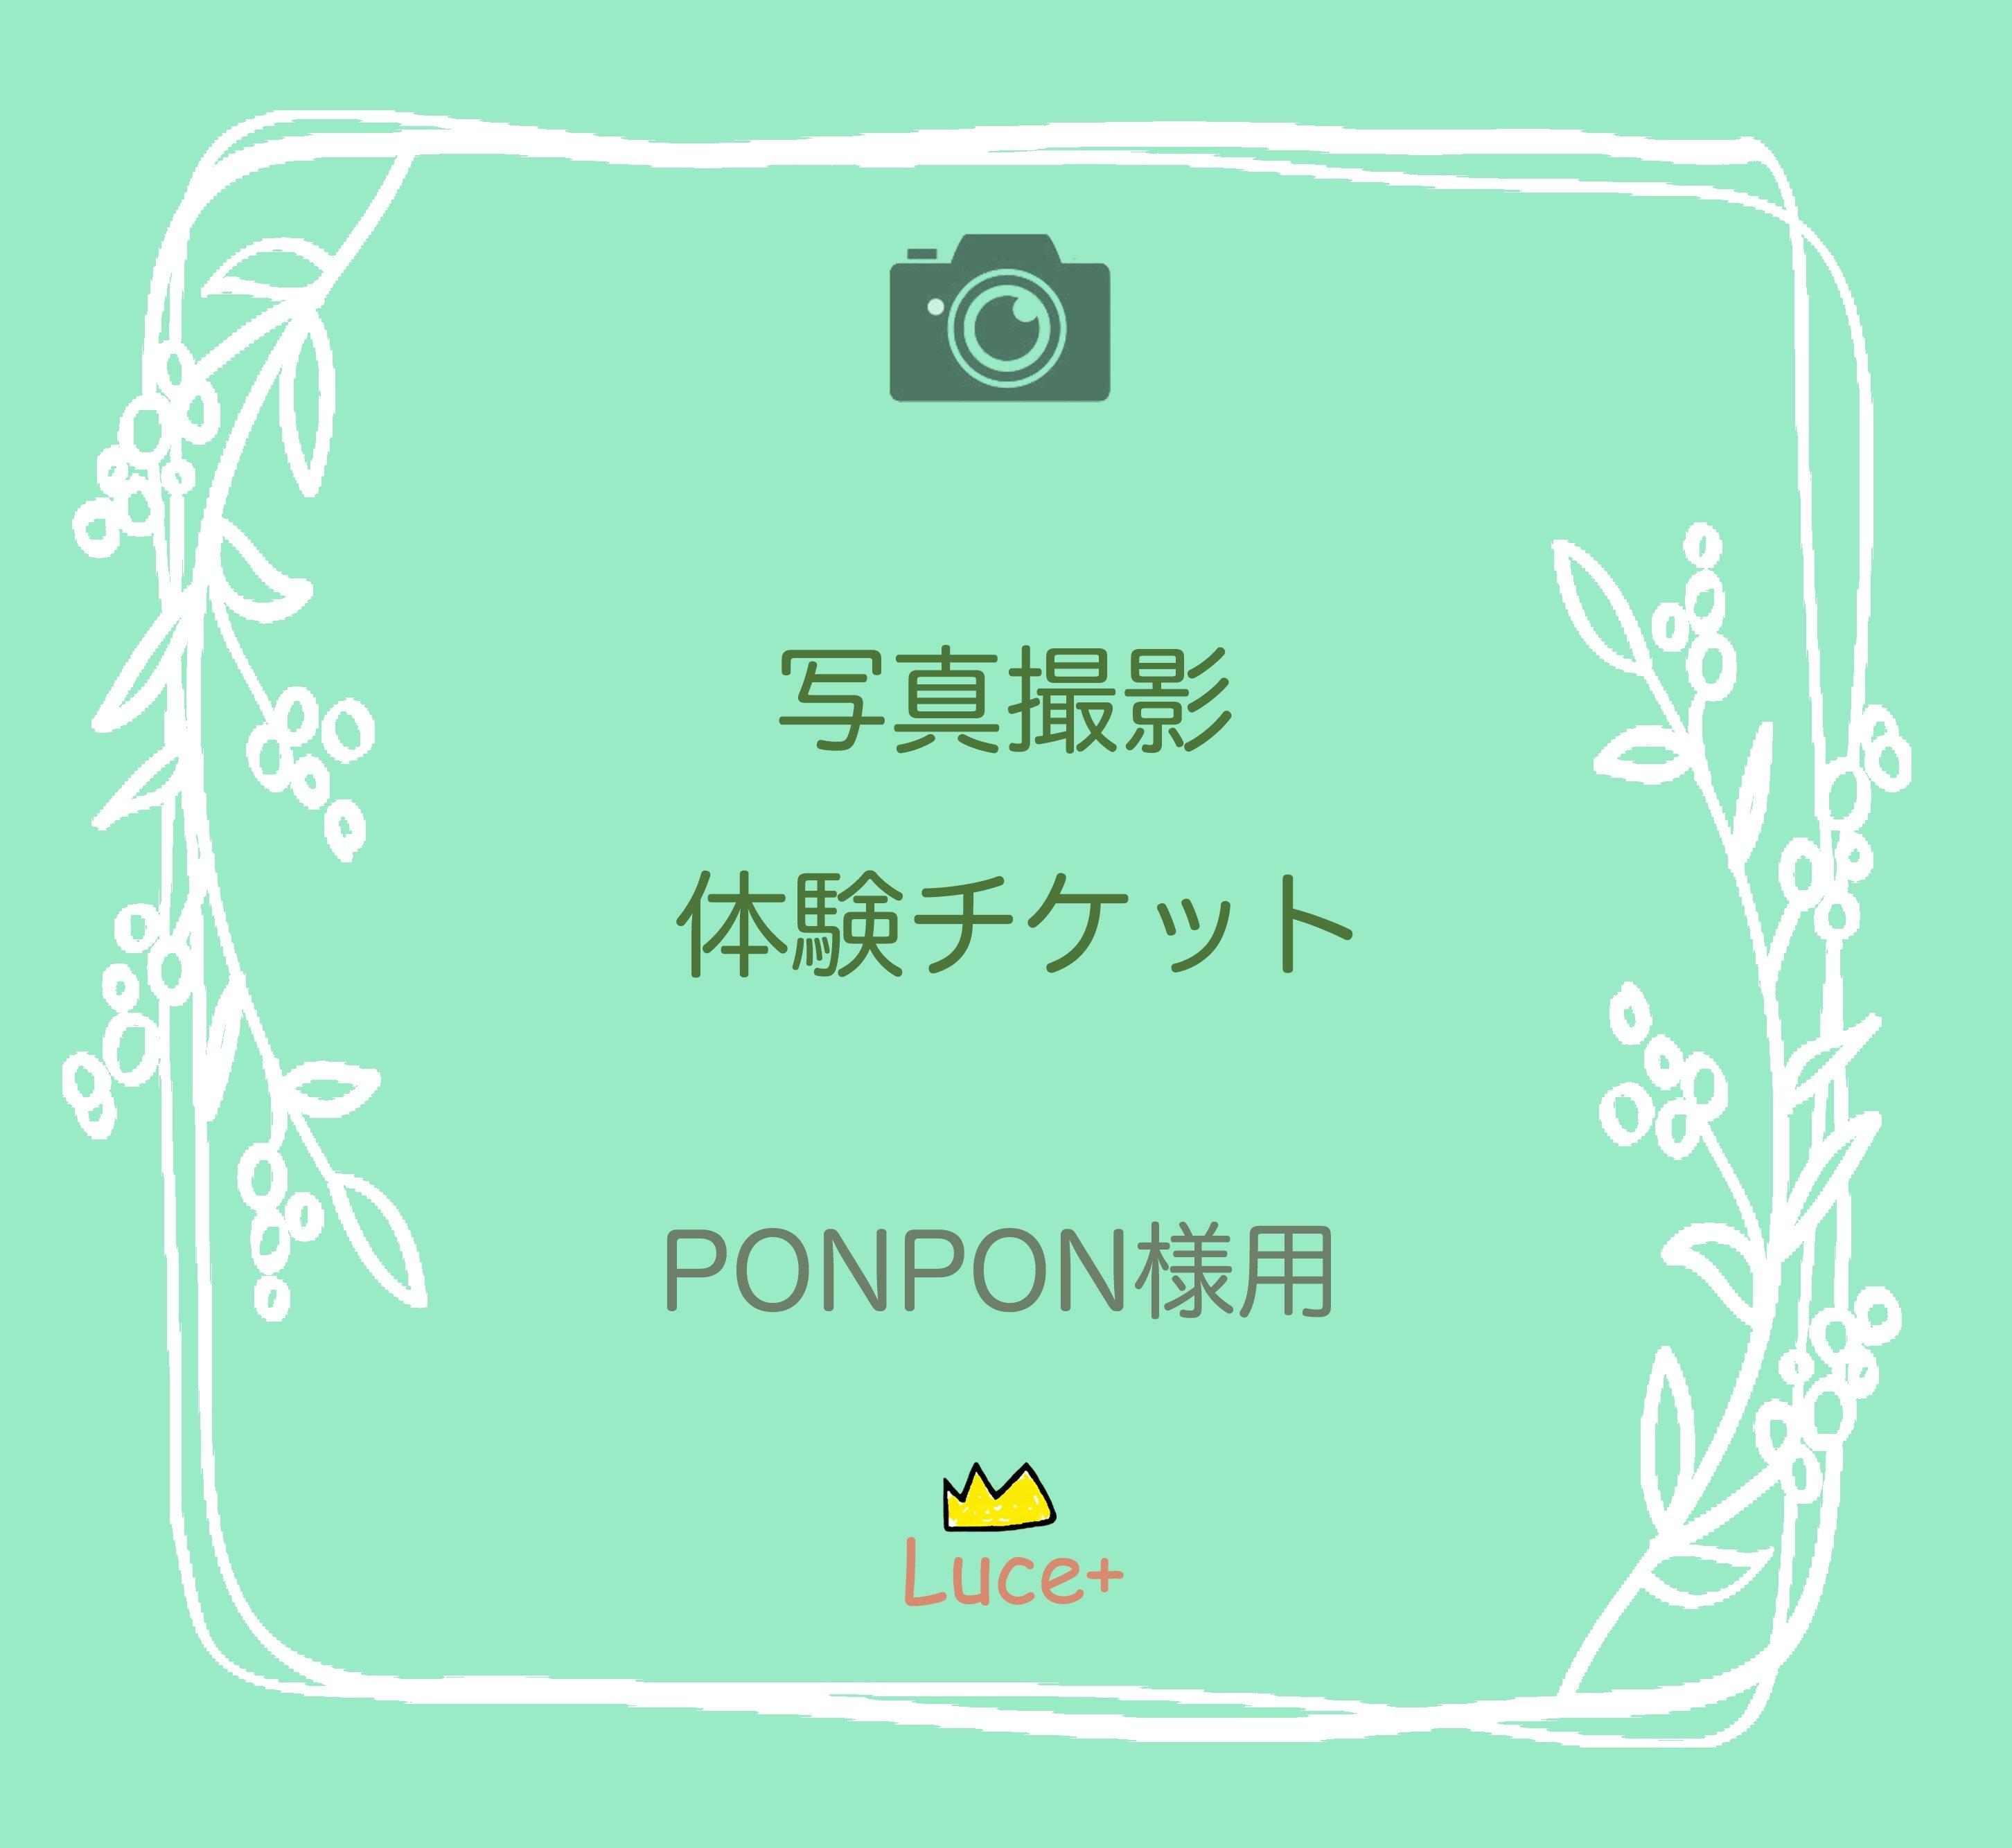 PONPON様用 撮影「1データ」チケットのイメージその1